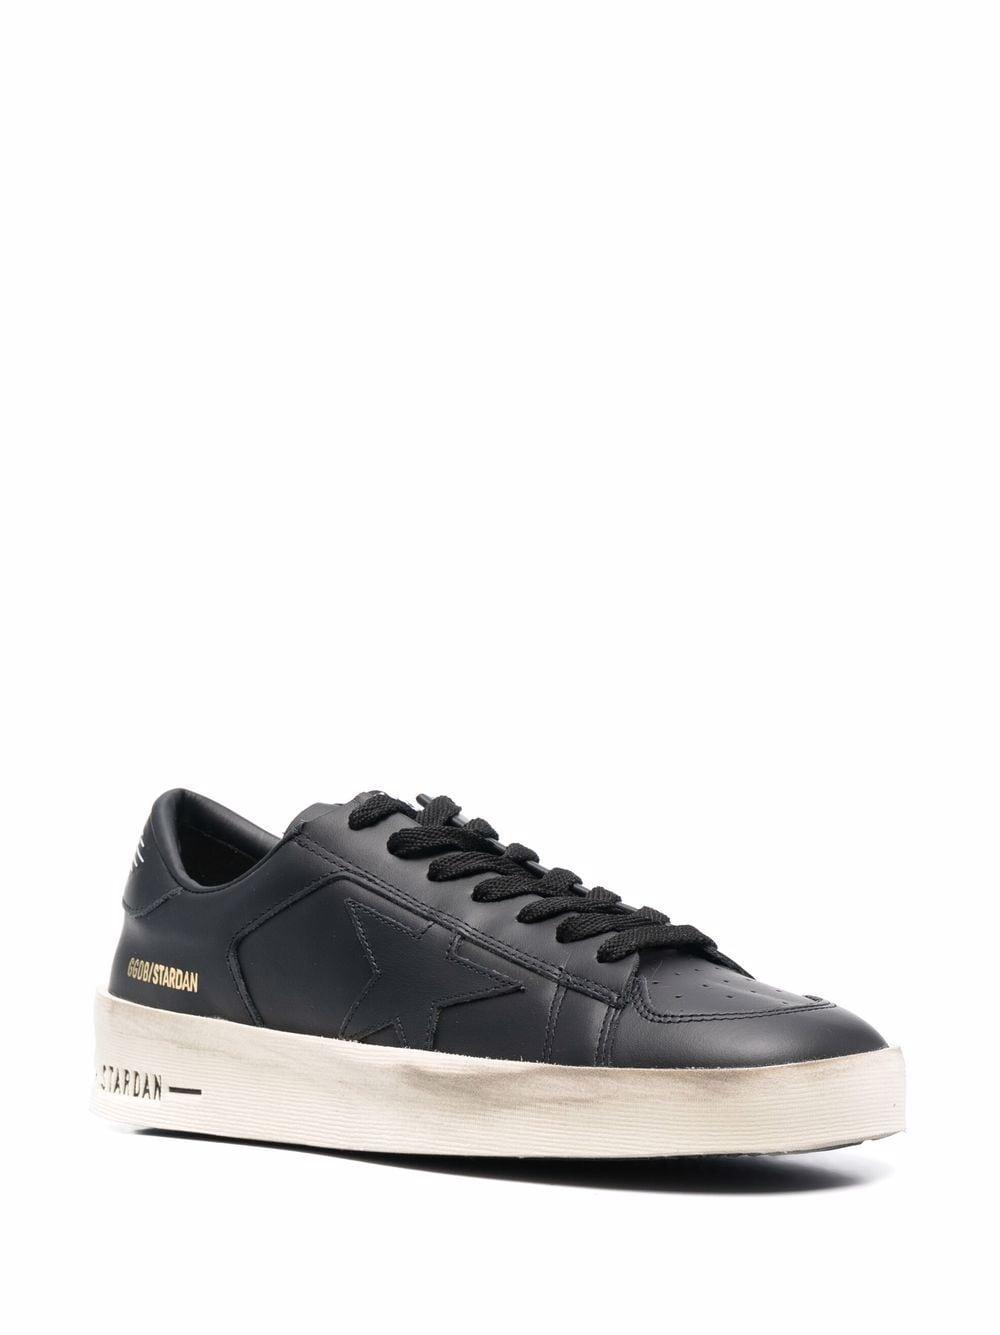 Picture of Golden Goose Deluxe Brand | Stardan Low-Top Sneakers